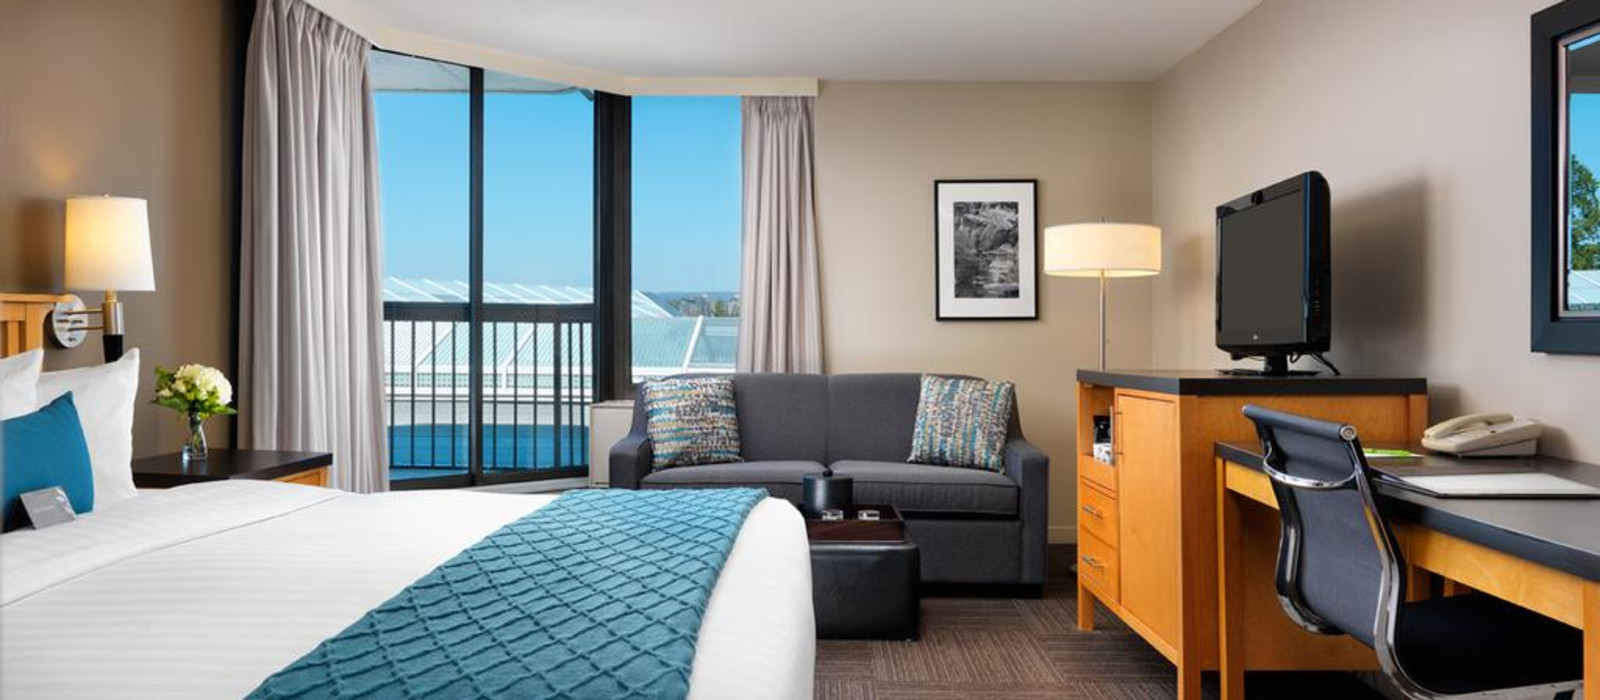 Hotel Inn at Laurel Point Kanada